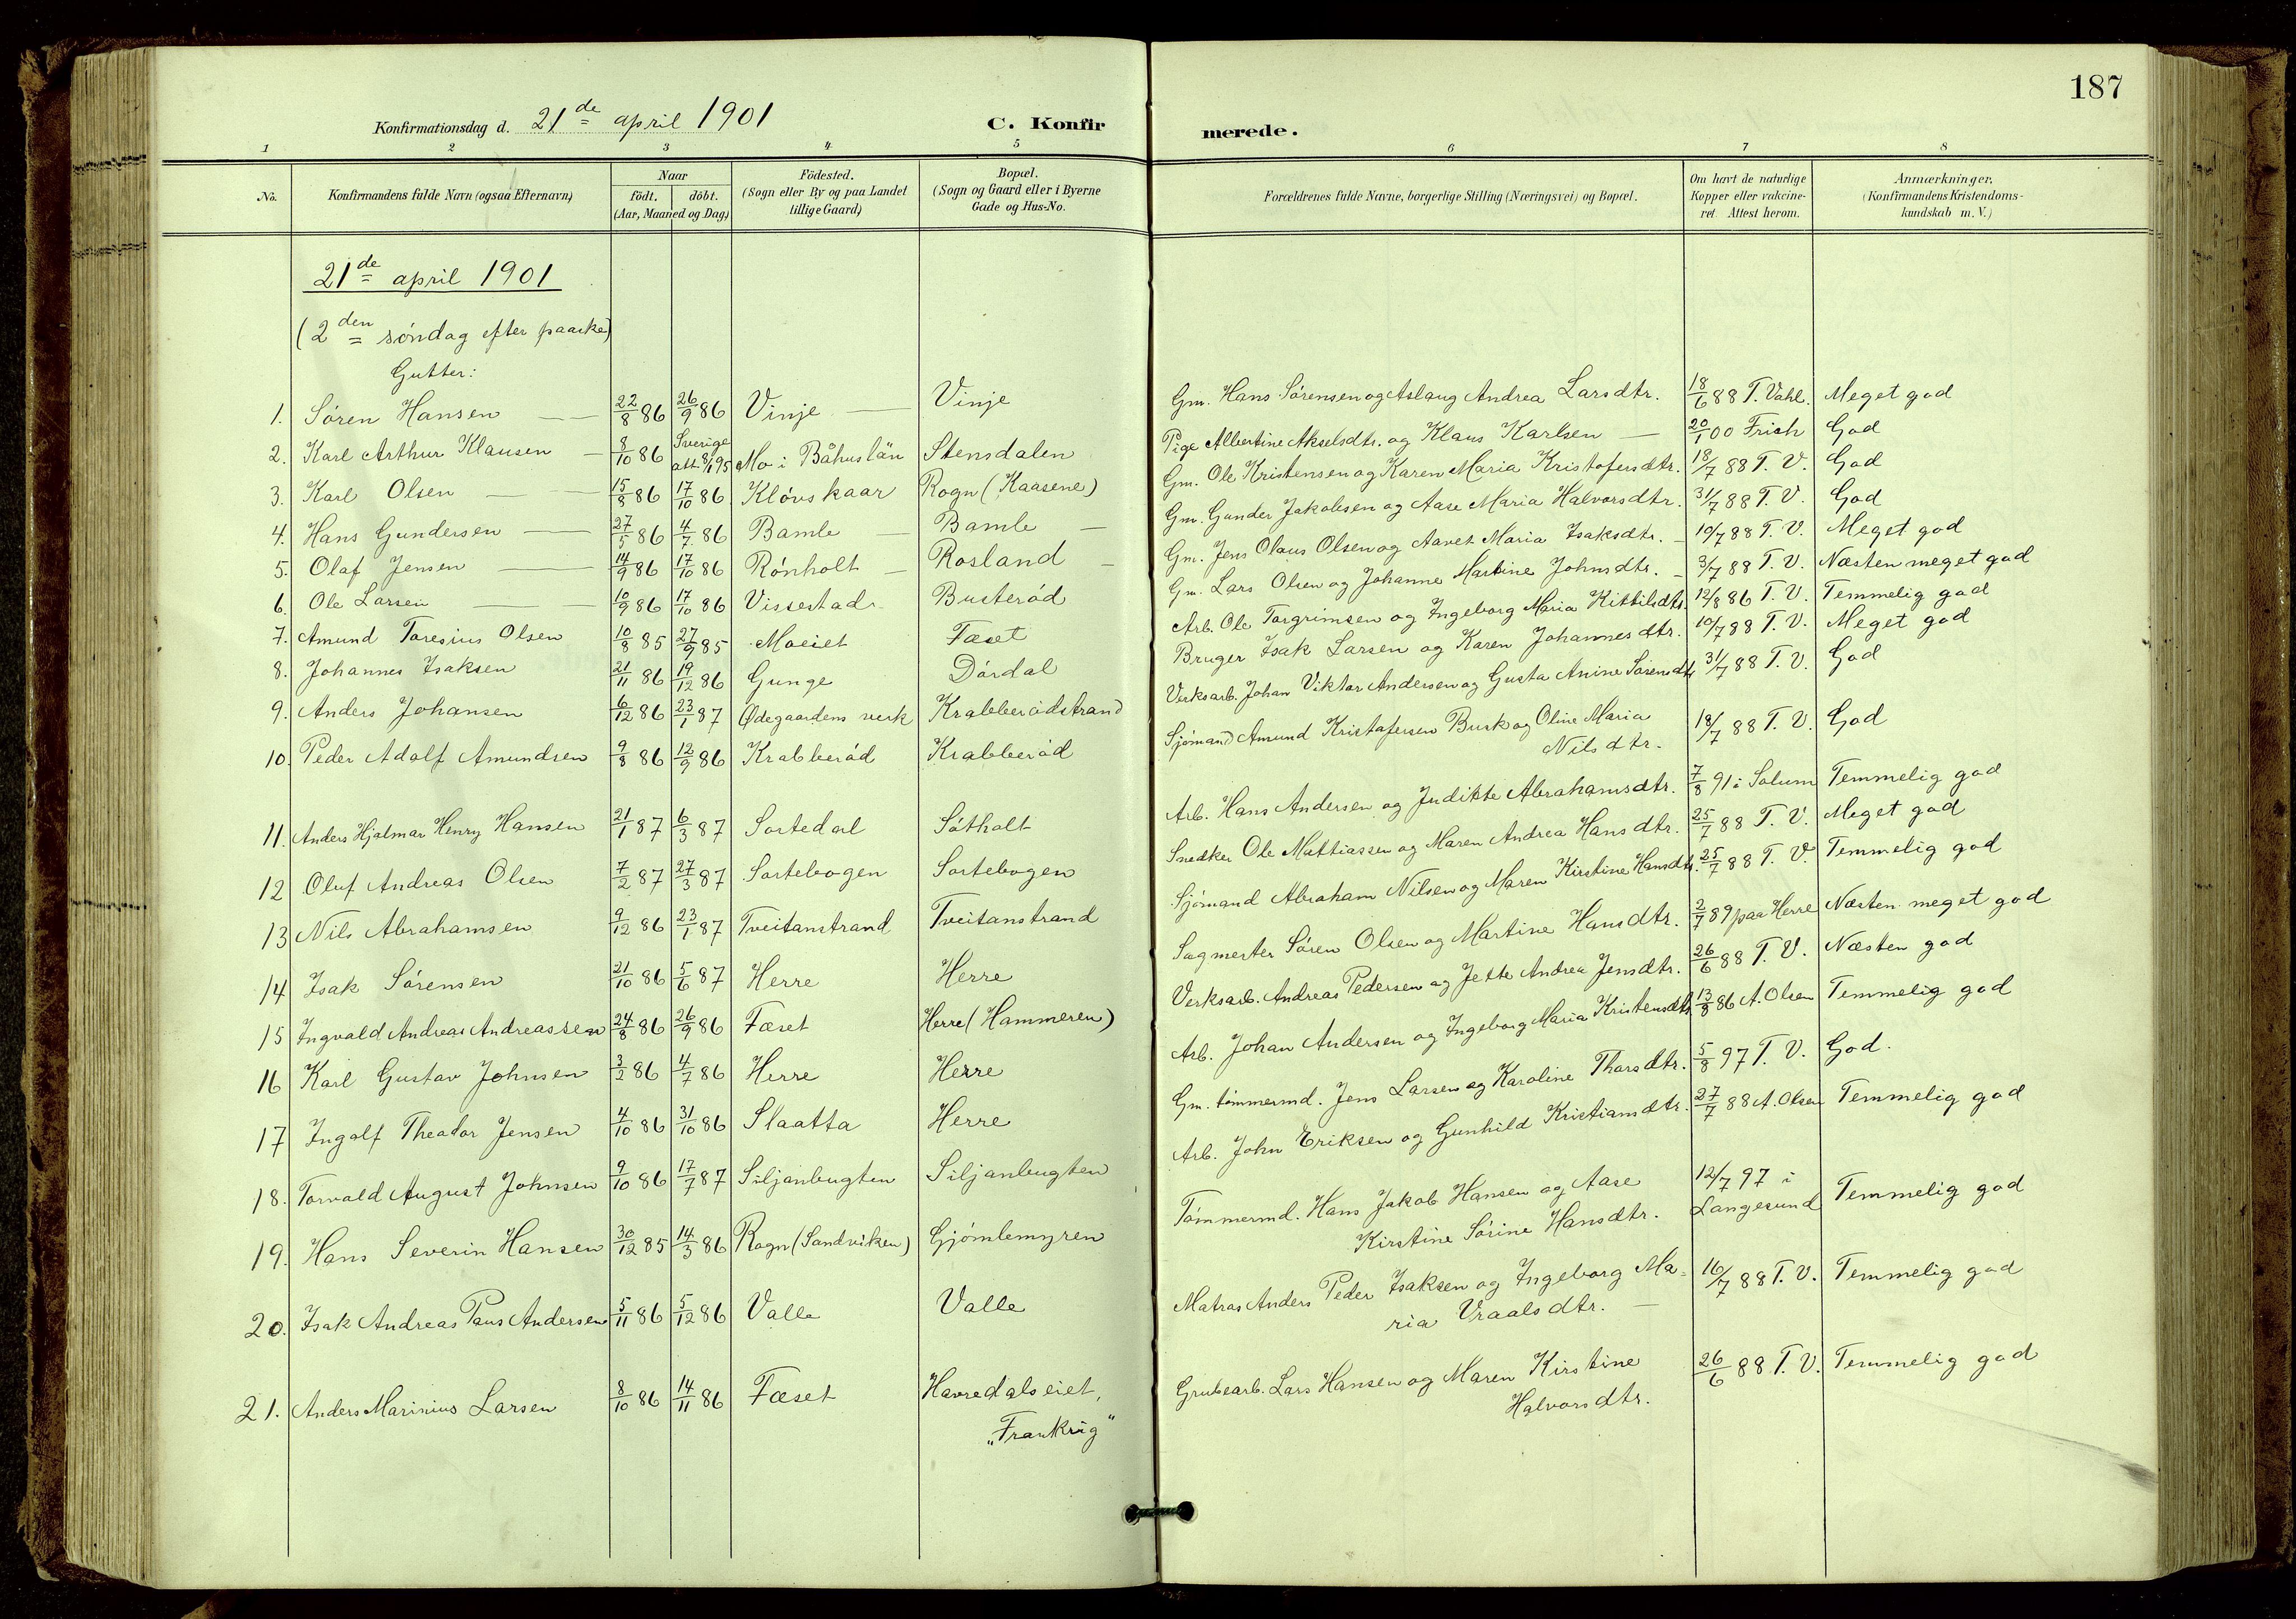 SAKO, Bamble kirkebøker, G/Ga/L0010: Klokkerbok nr. I 10, 1901-1919, s. 187